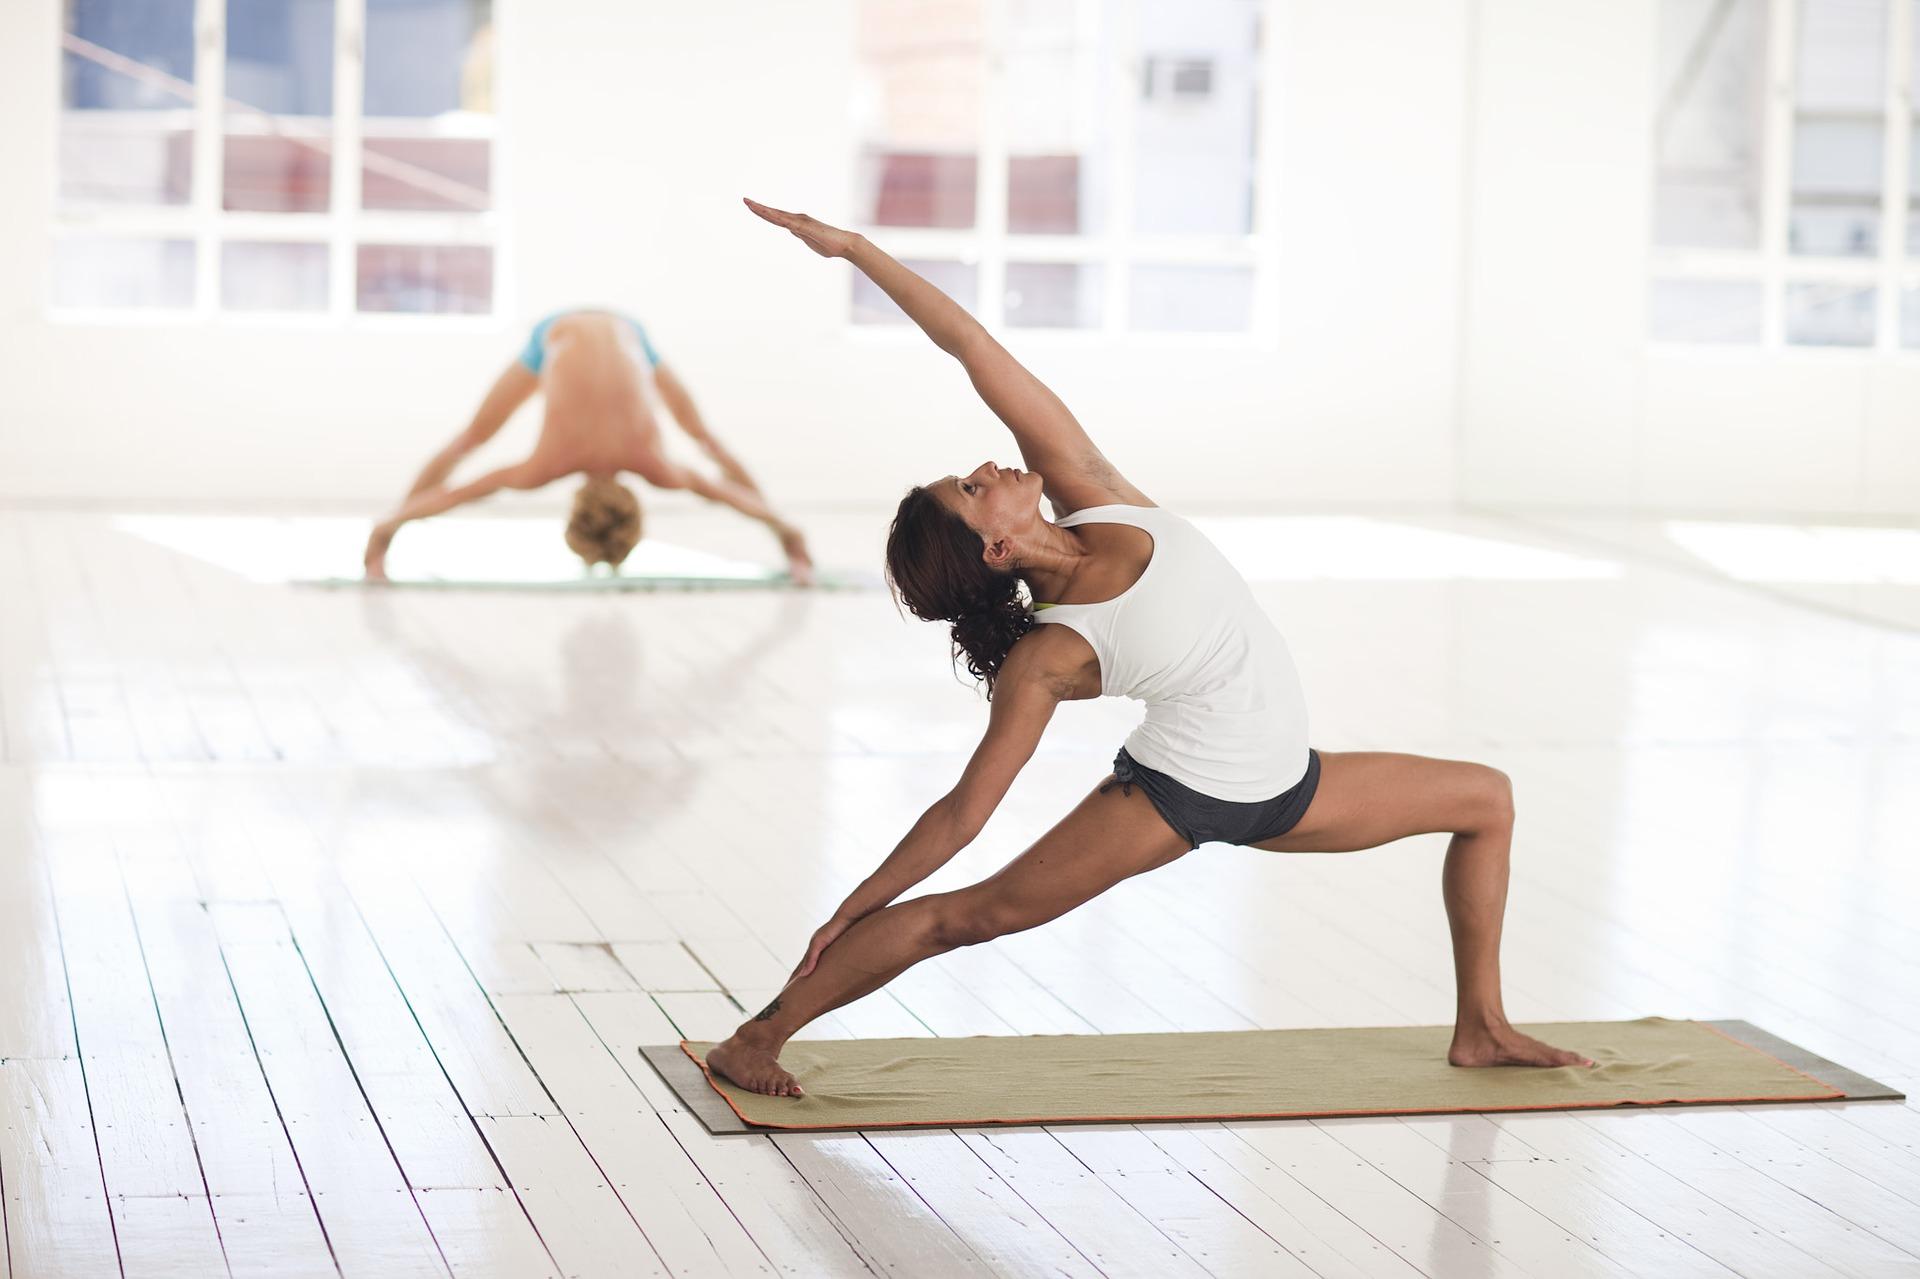 Рейтинг лучших студий йоги в Екатеринбурге на 2021 год